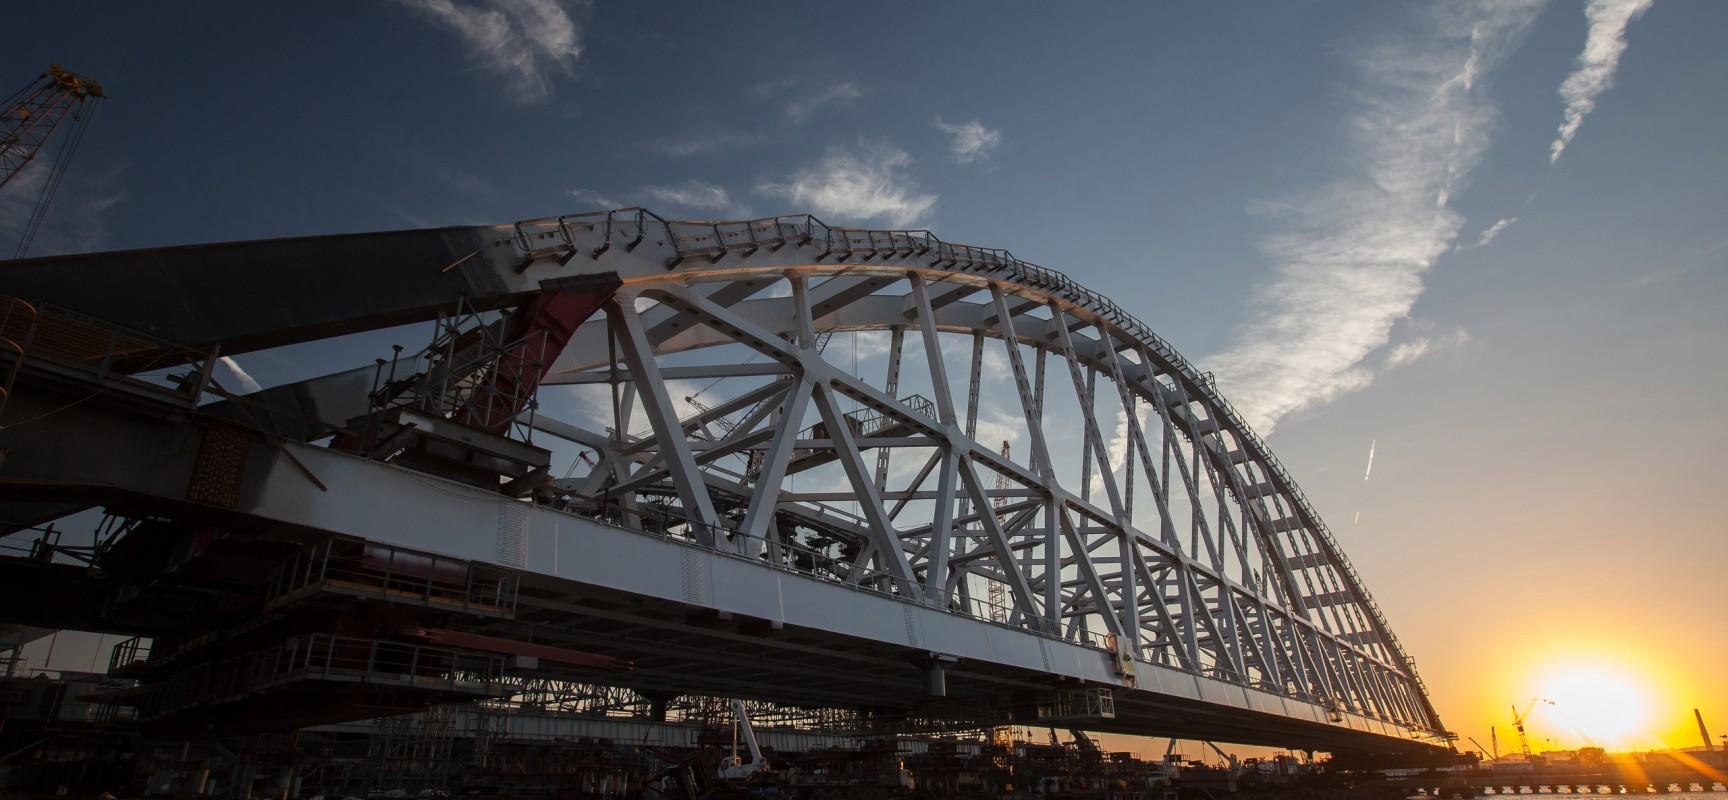 Шесть тысяч тонн над водой: строители Крымского моста приступили к установке железнодорожной арки